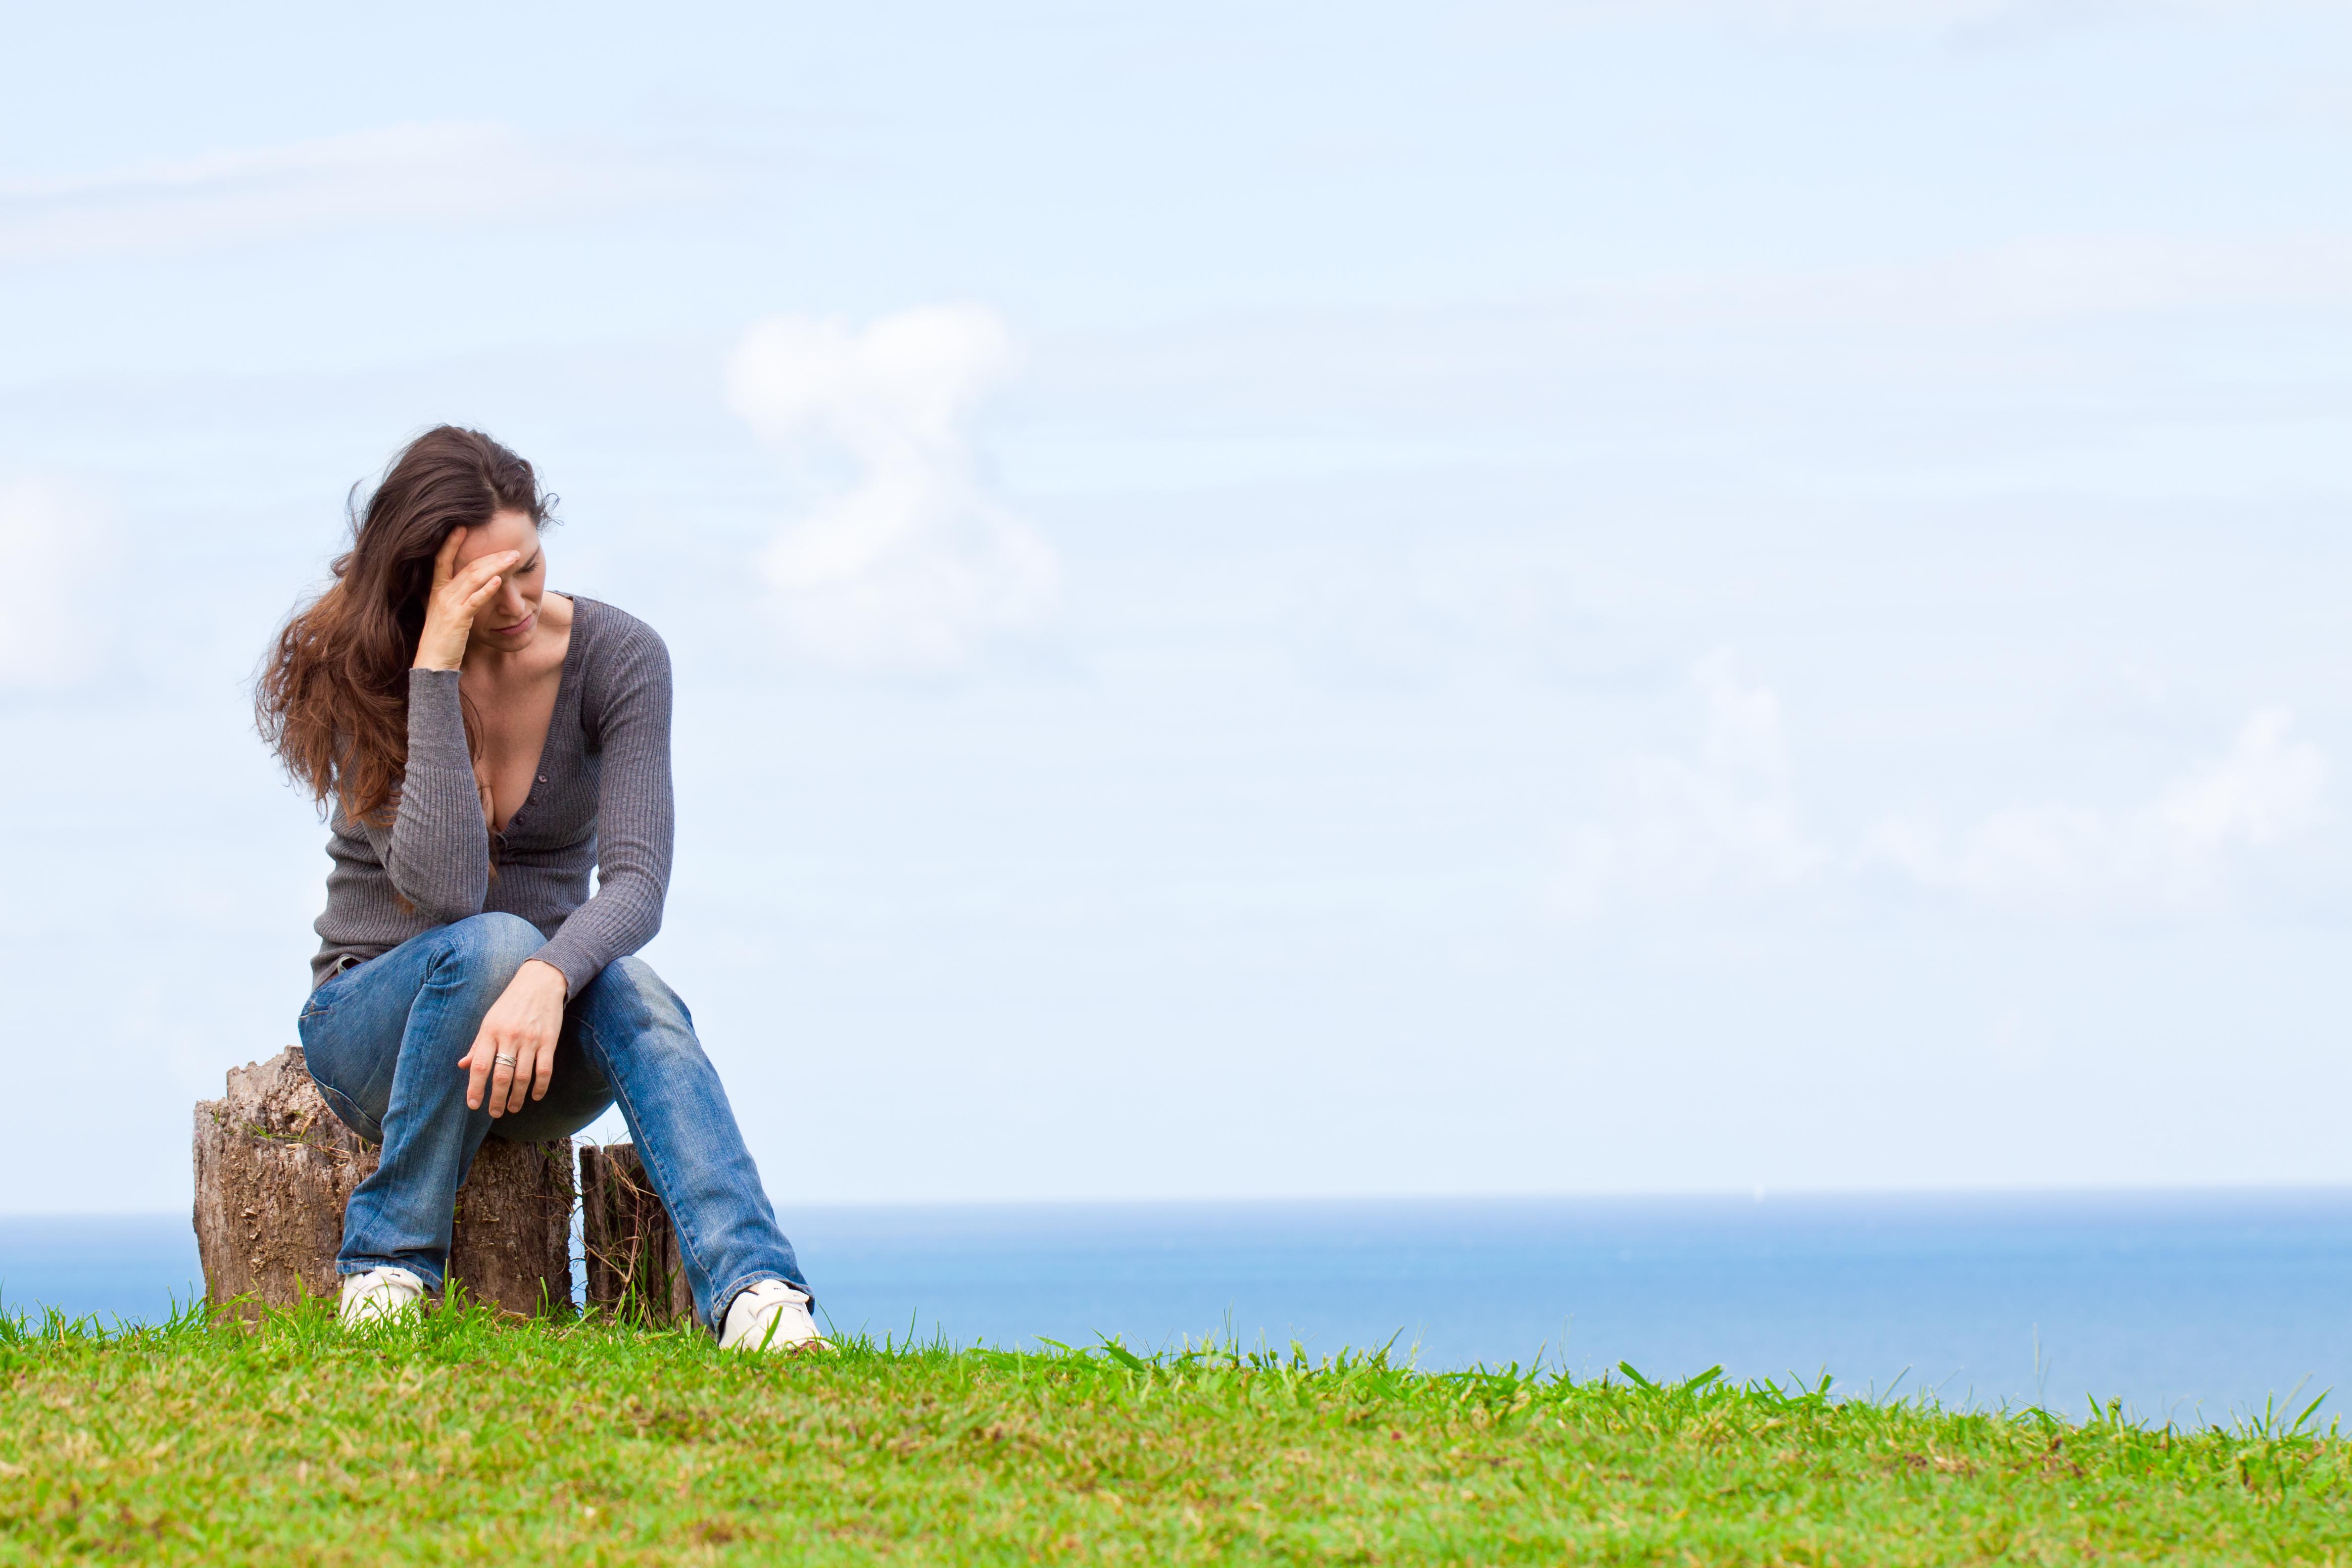 Kronisk migrän innebär att du har haft besvär av migrän minst 15 dagar i en månad utan att ha haft några andra åkommor eller besvär.